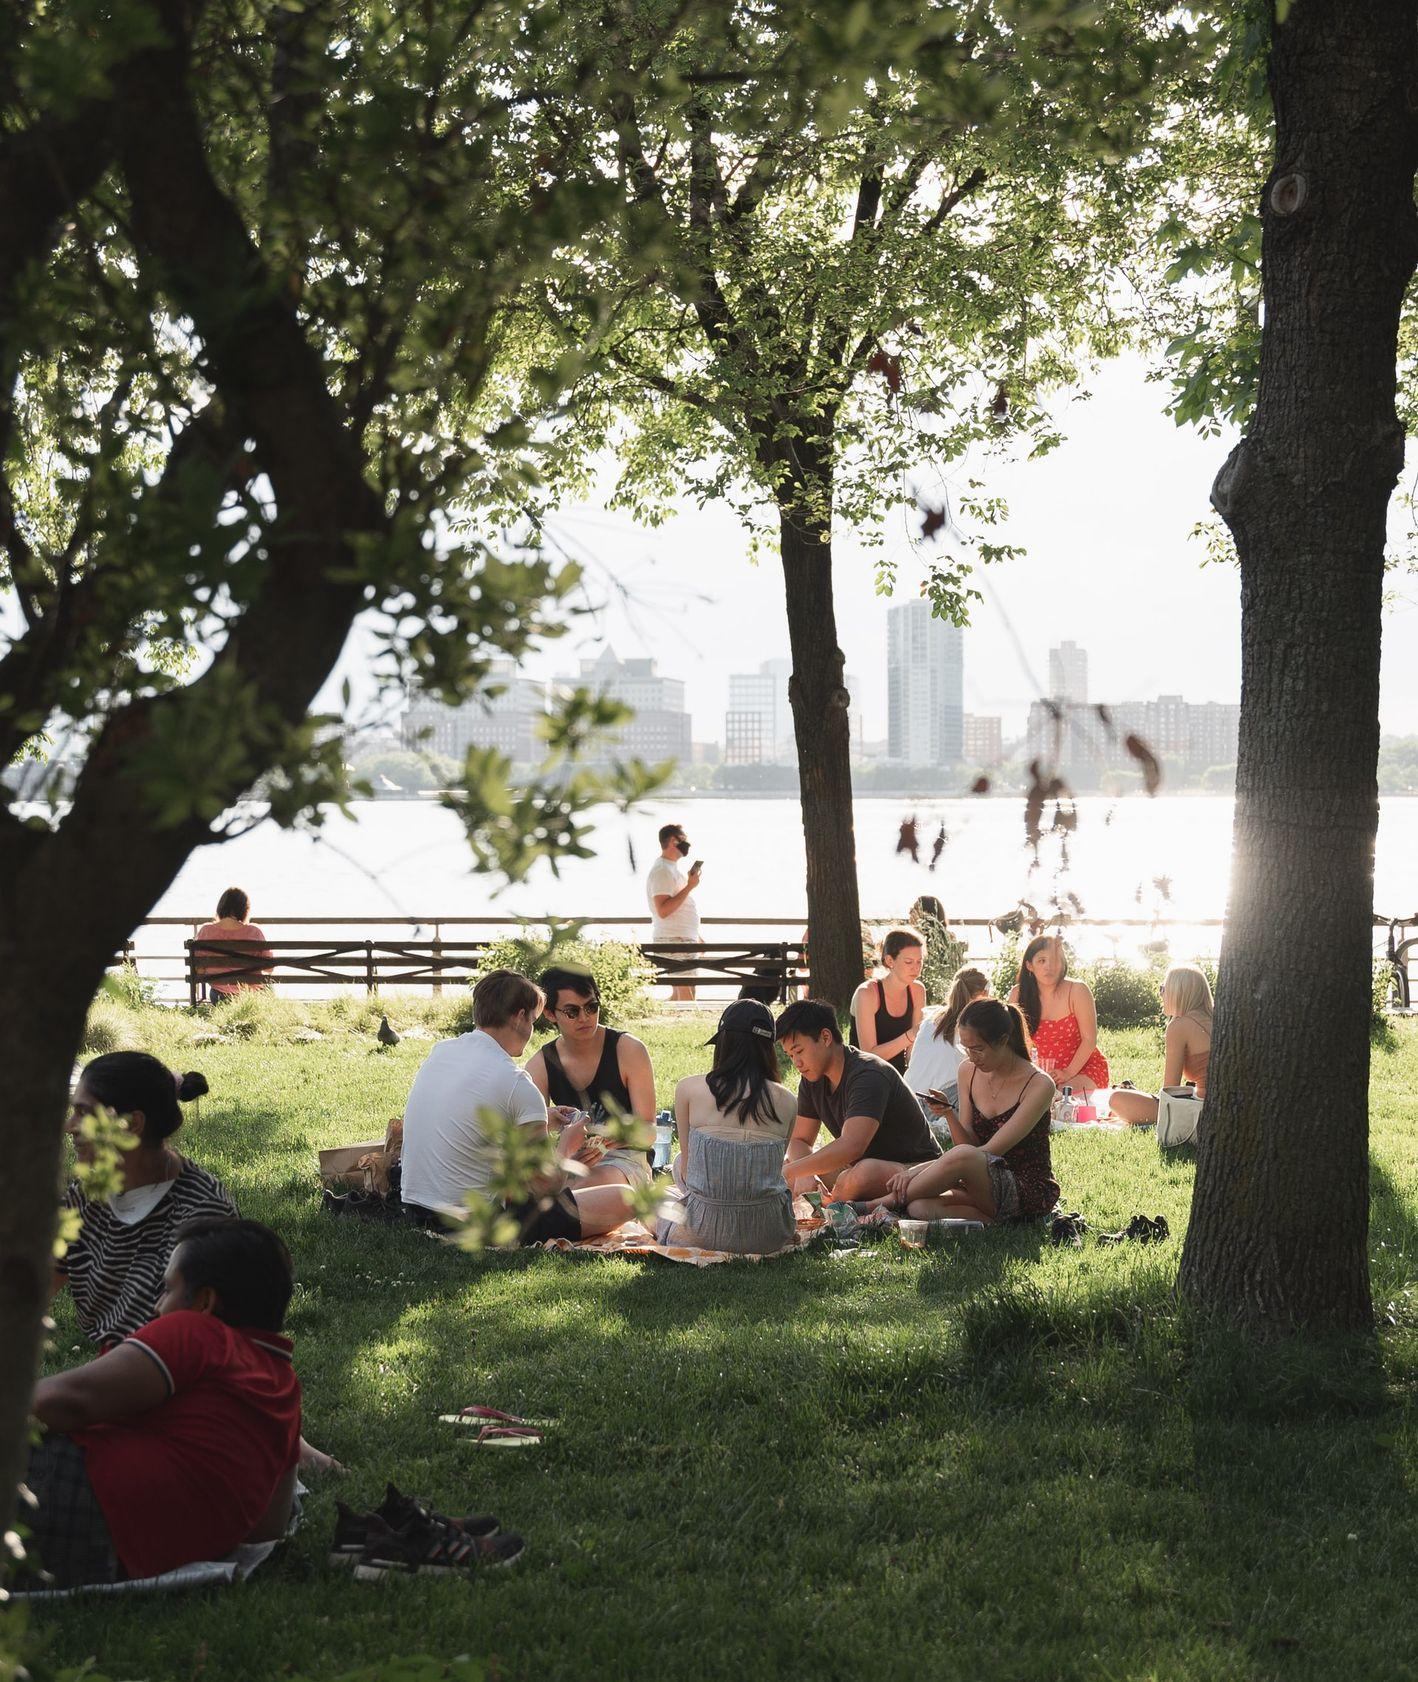 Piknik, spotkanie ze znajomymi, relaks na zewnątrz, spotkania towarzyskie (fot. Mason Dahi / unsplash.com)